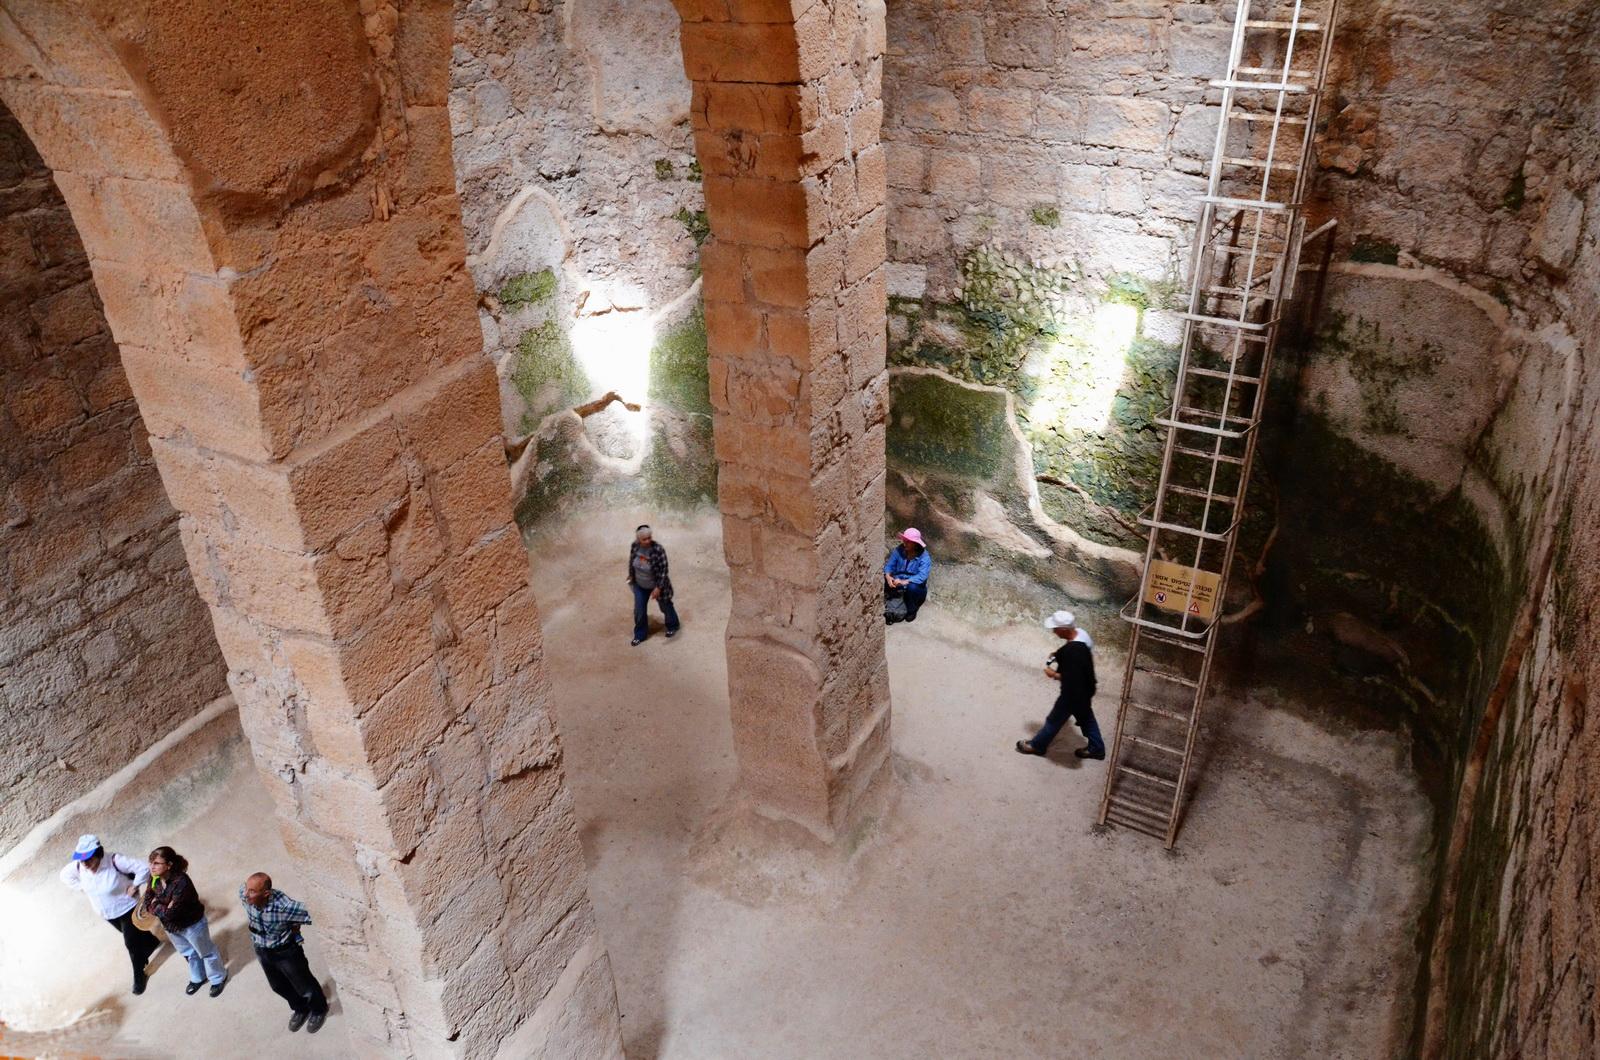 מנזר אווטימוס - בור המים